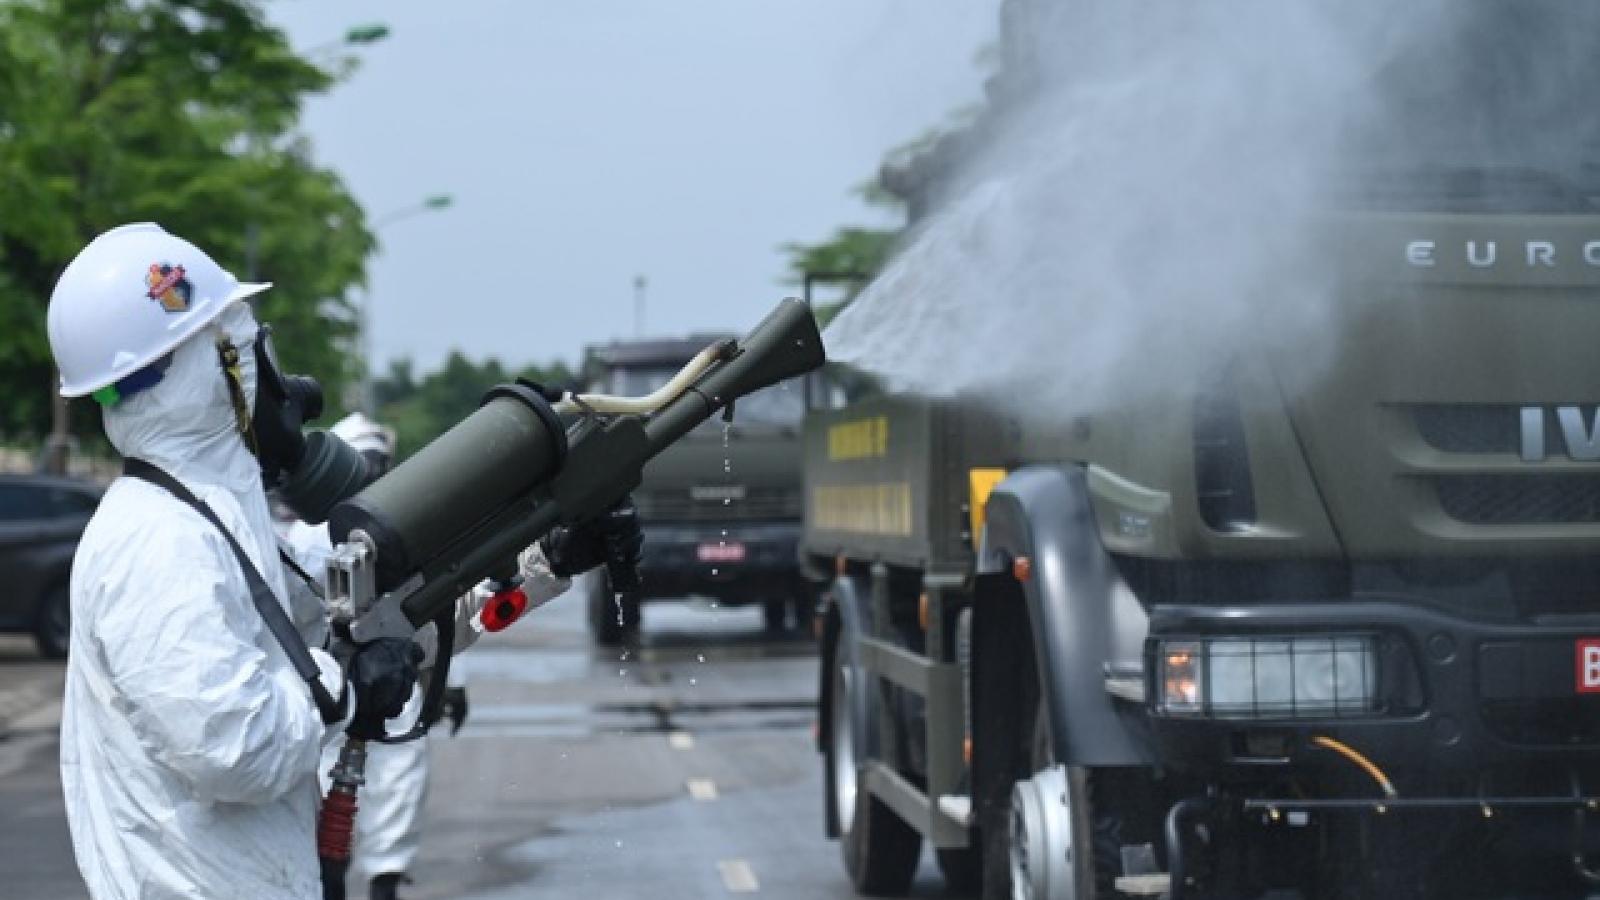 Bộ Tư lệnh Quân khu 1 phun khử khuẩn, làm sạch ổ dịch huyện Việt Yên, Bắc Giang